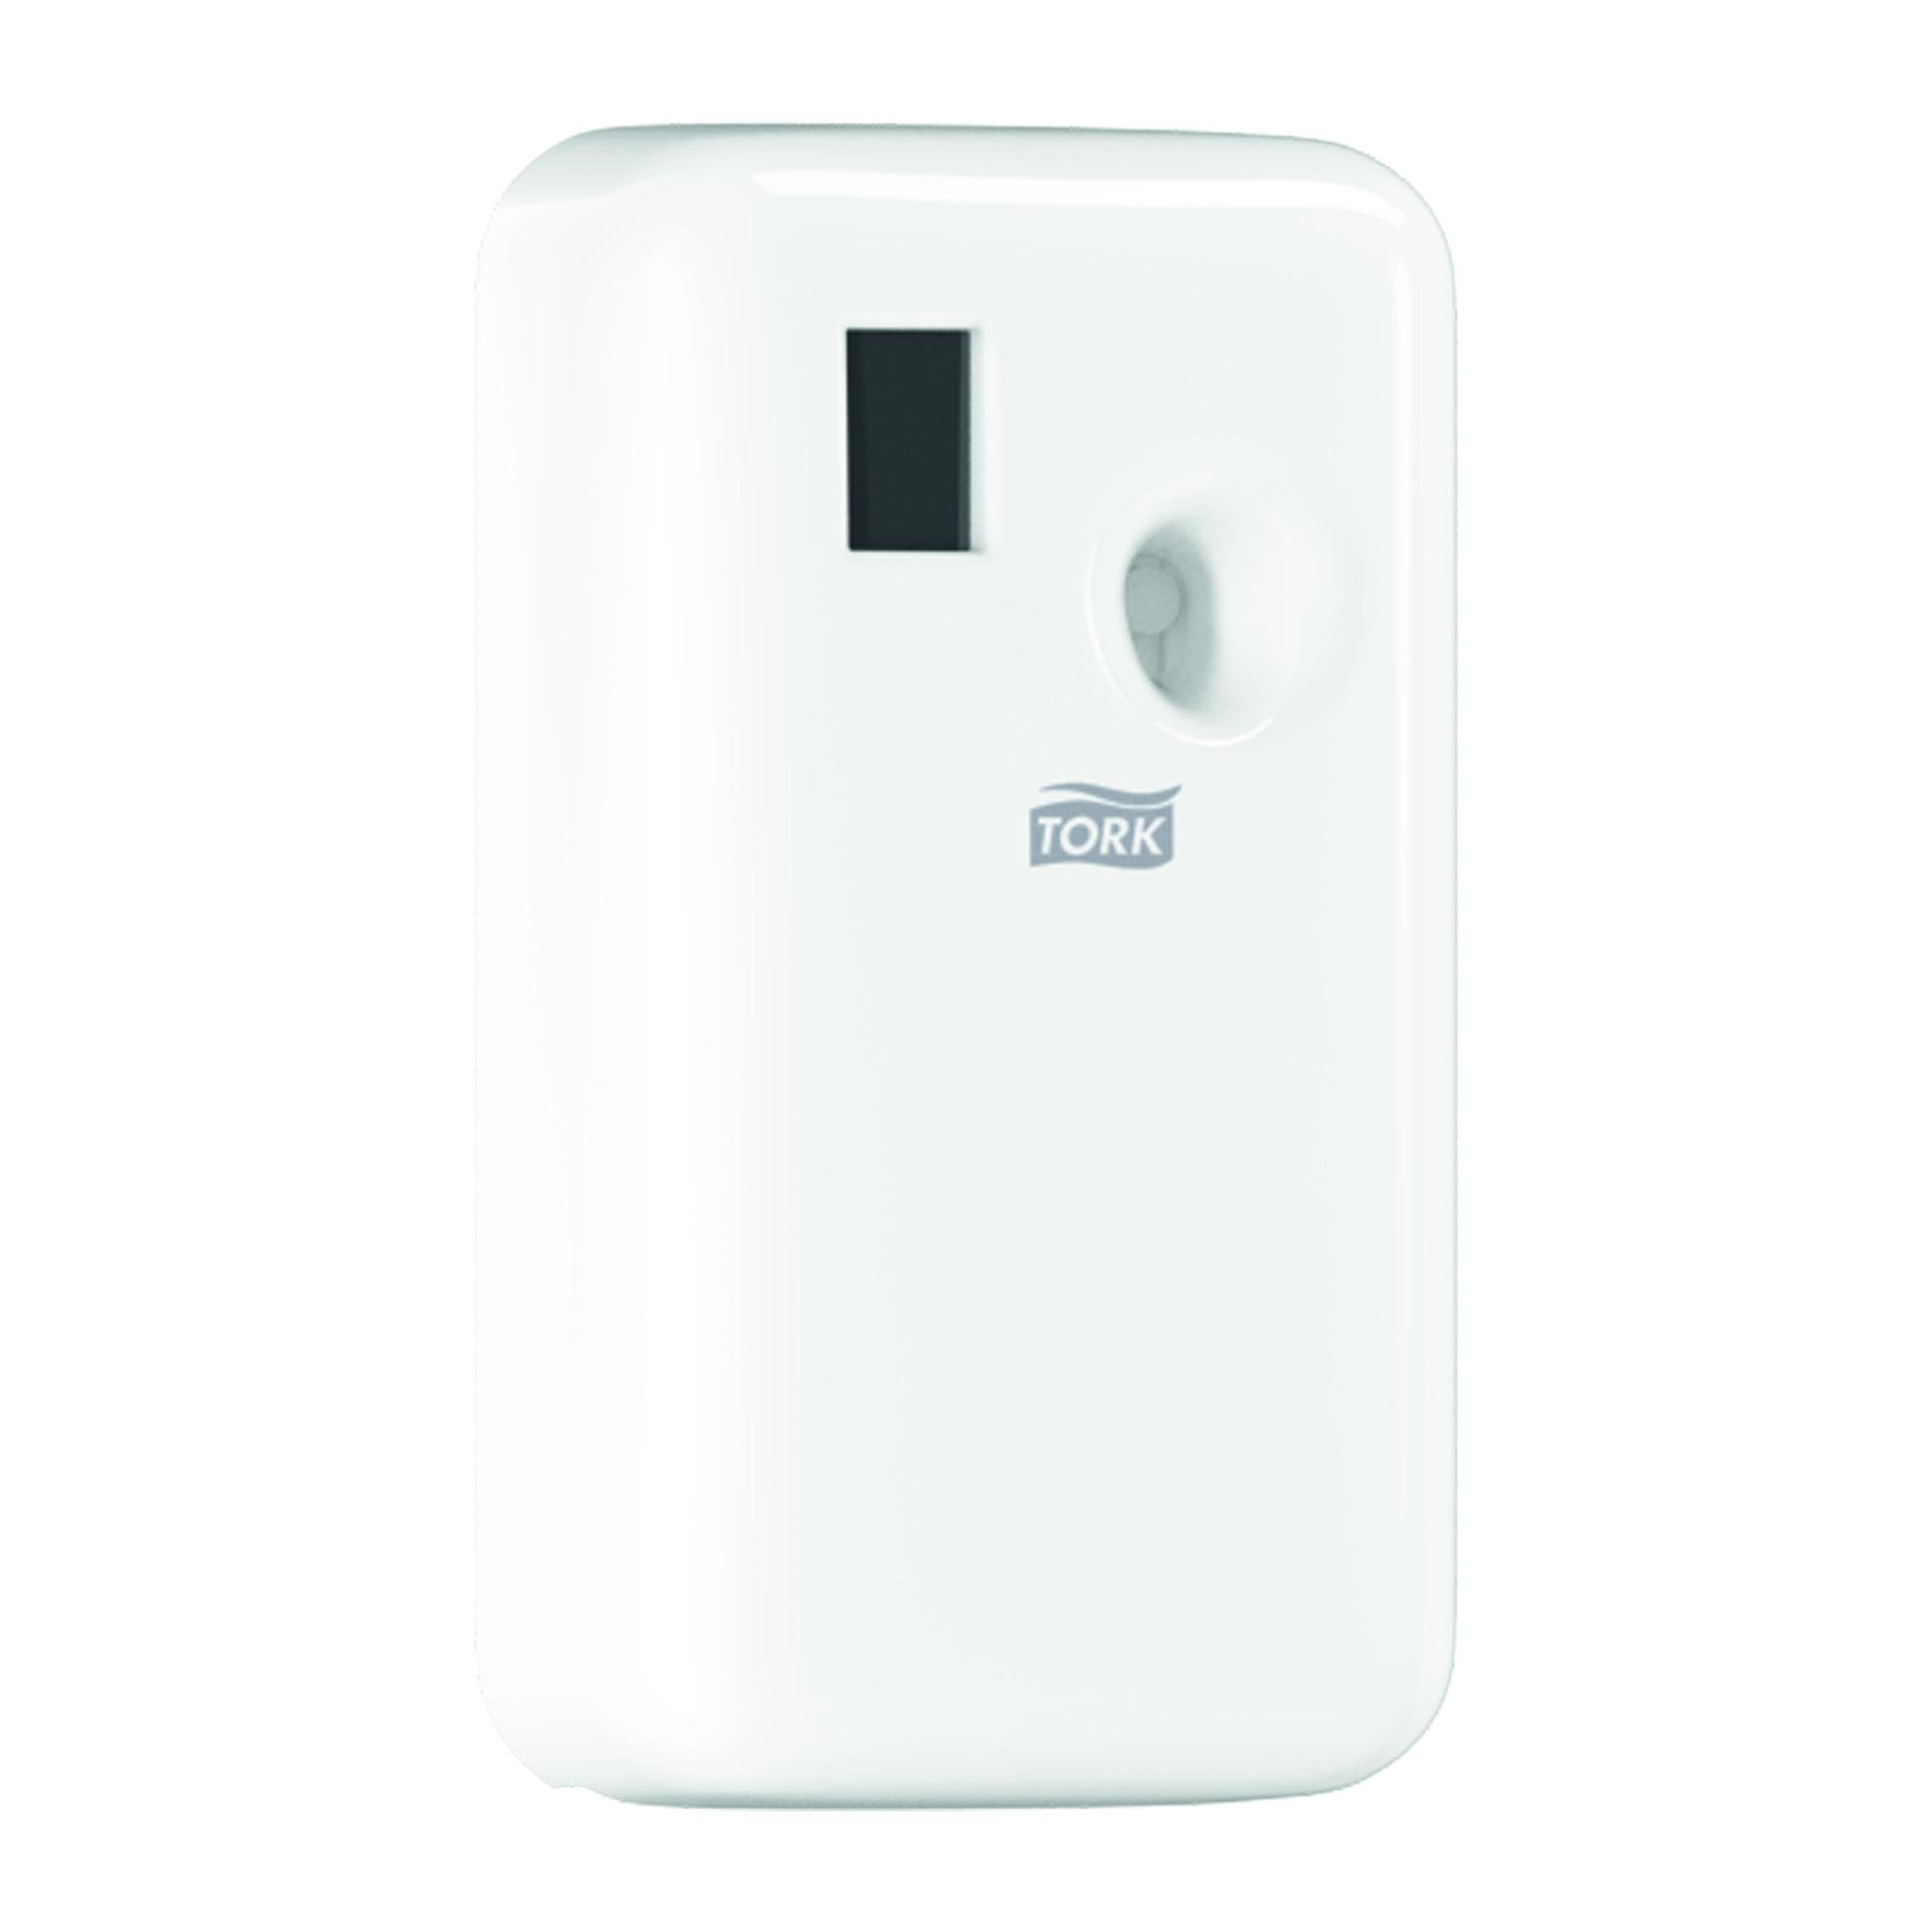 Диспенсер пластиковый для освежителя воздуха Tork A1, белый, 562000 - изображение 2